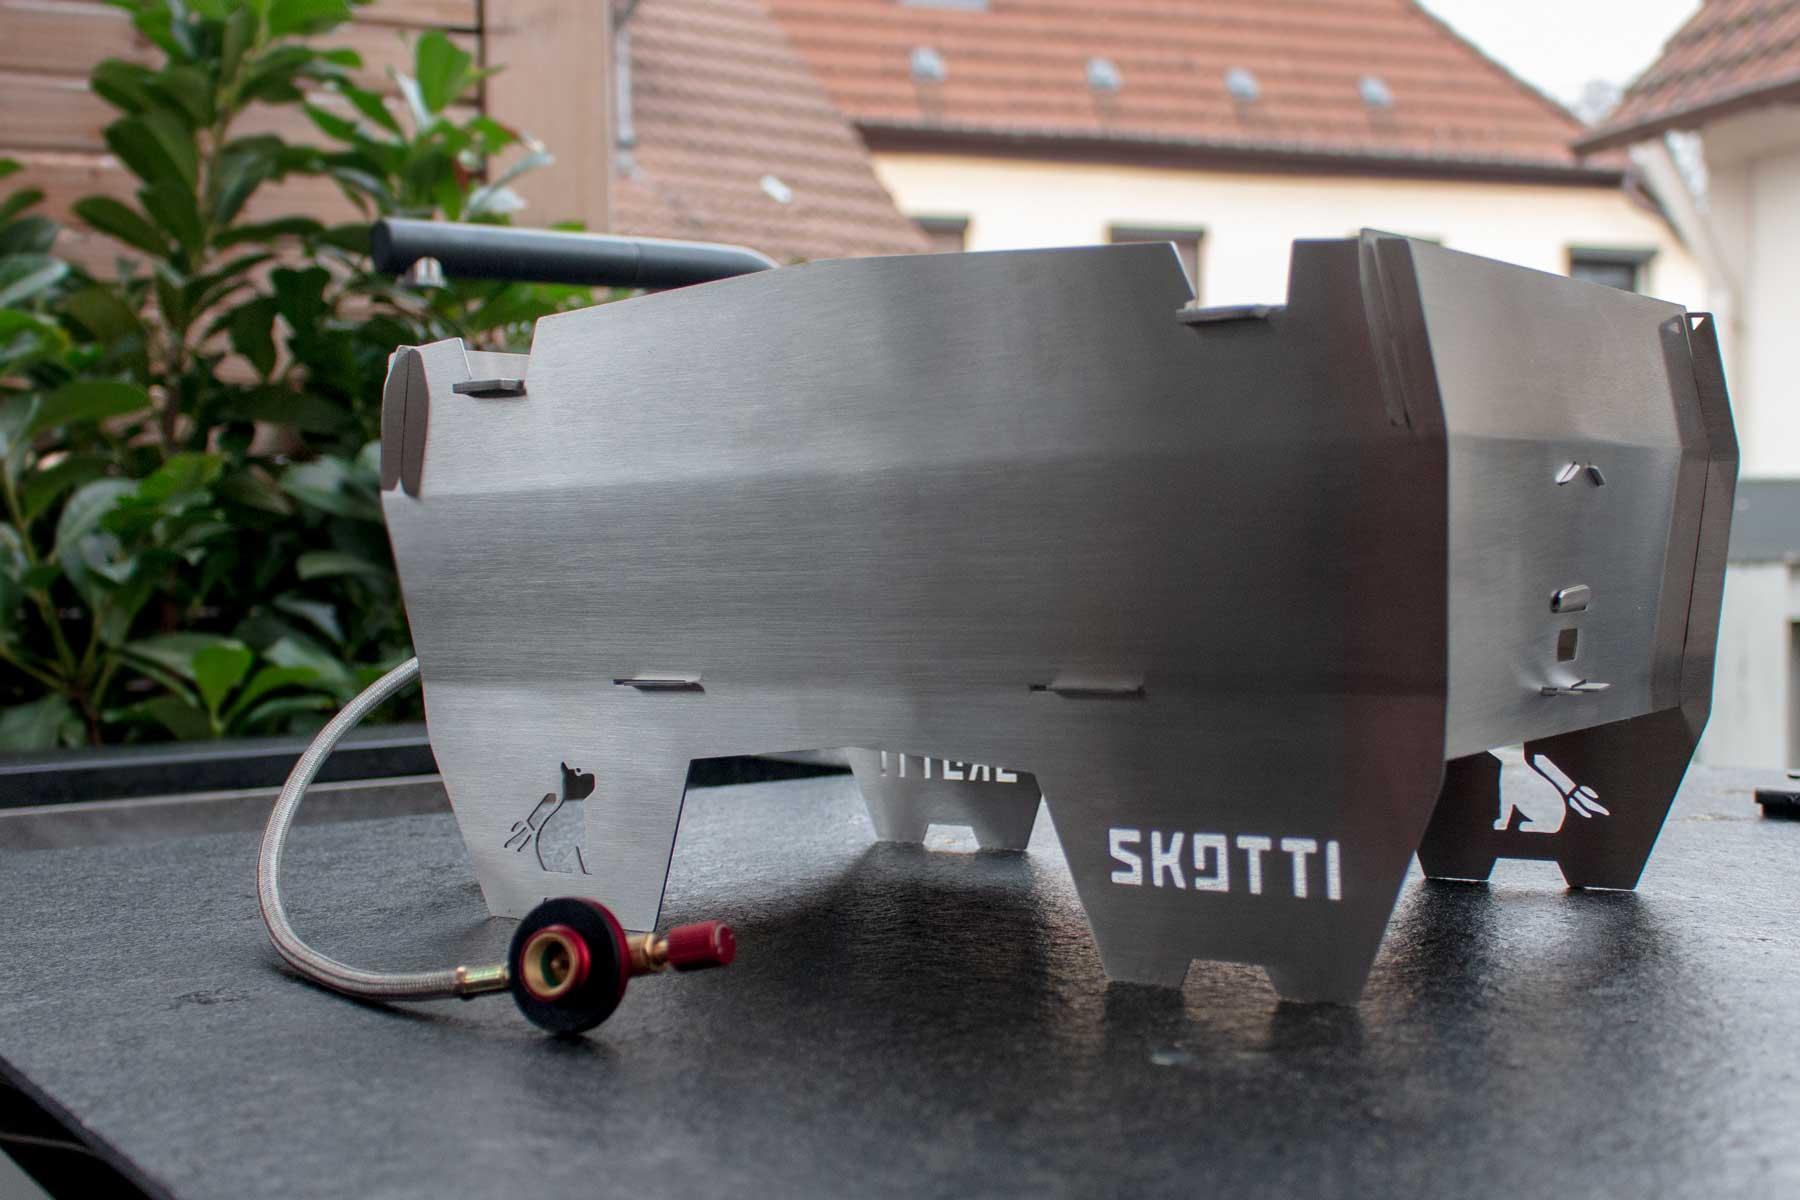 Der Skotti Grill im Test – was kann der mobile Camping Grill?